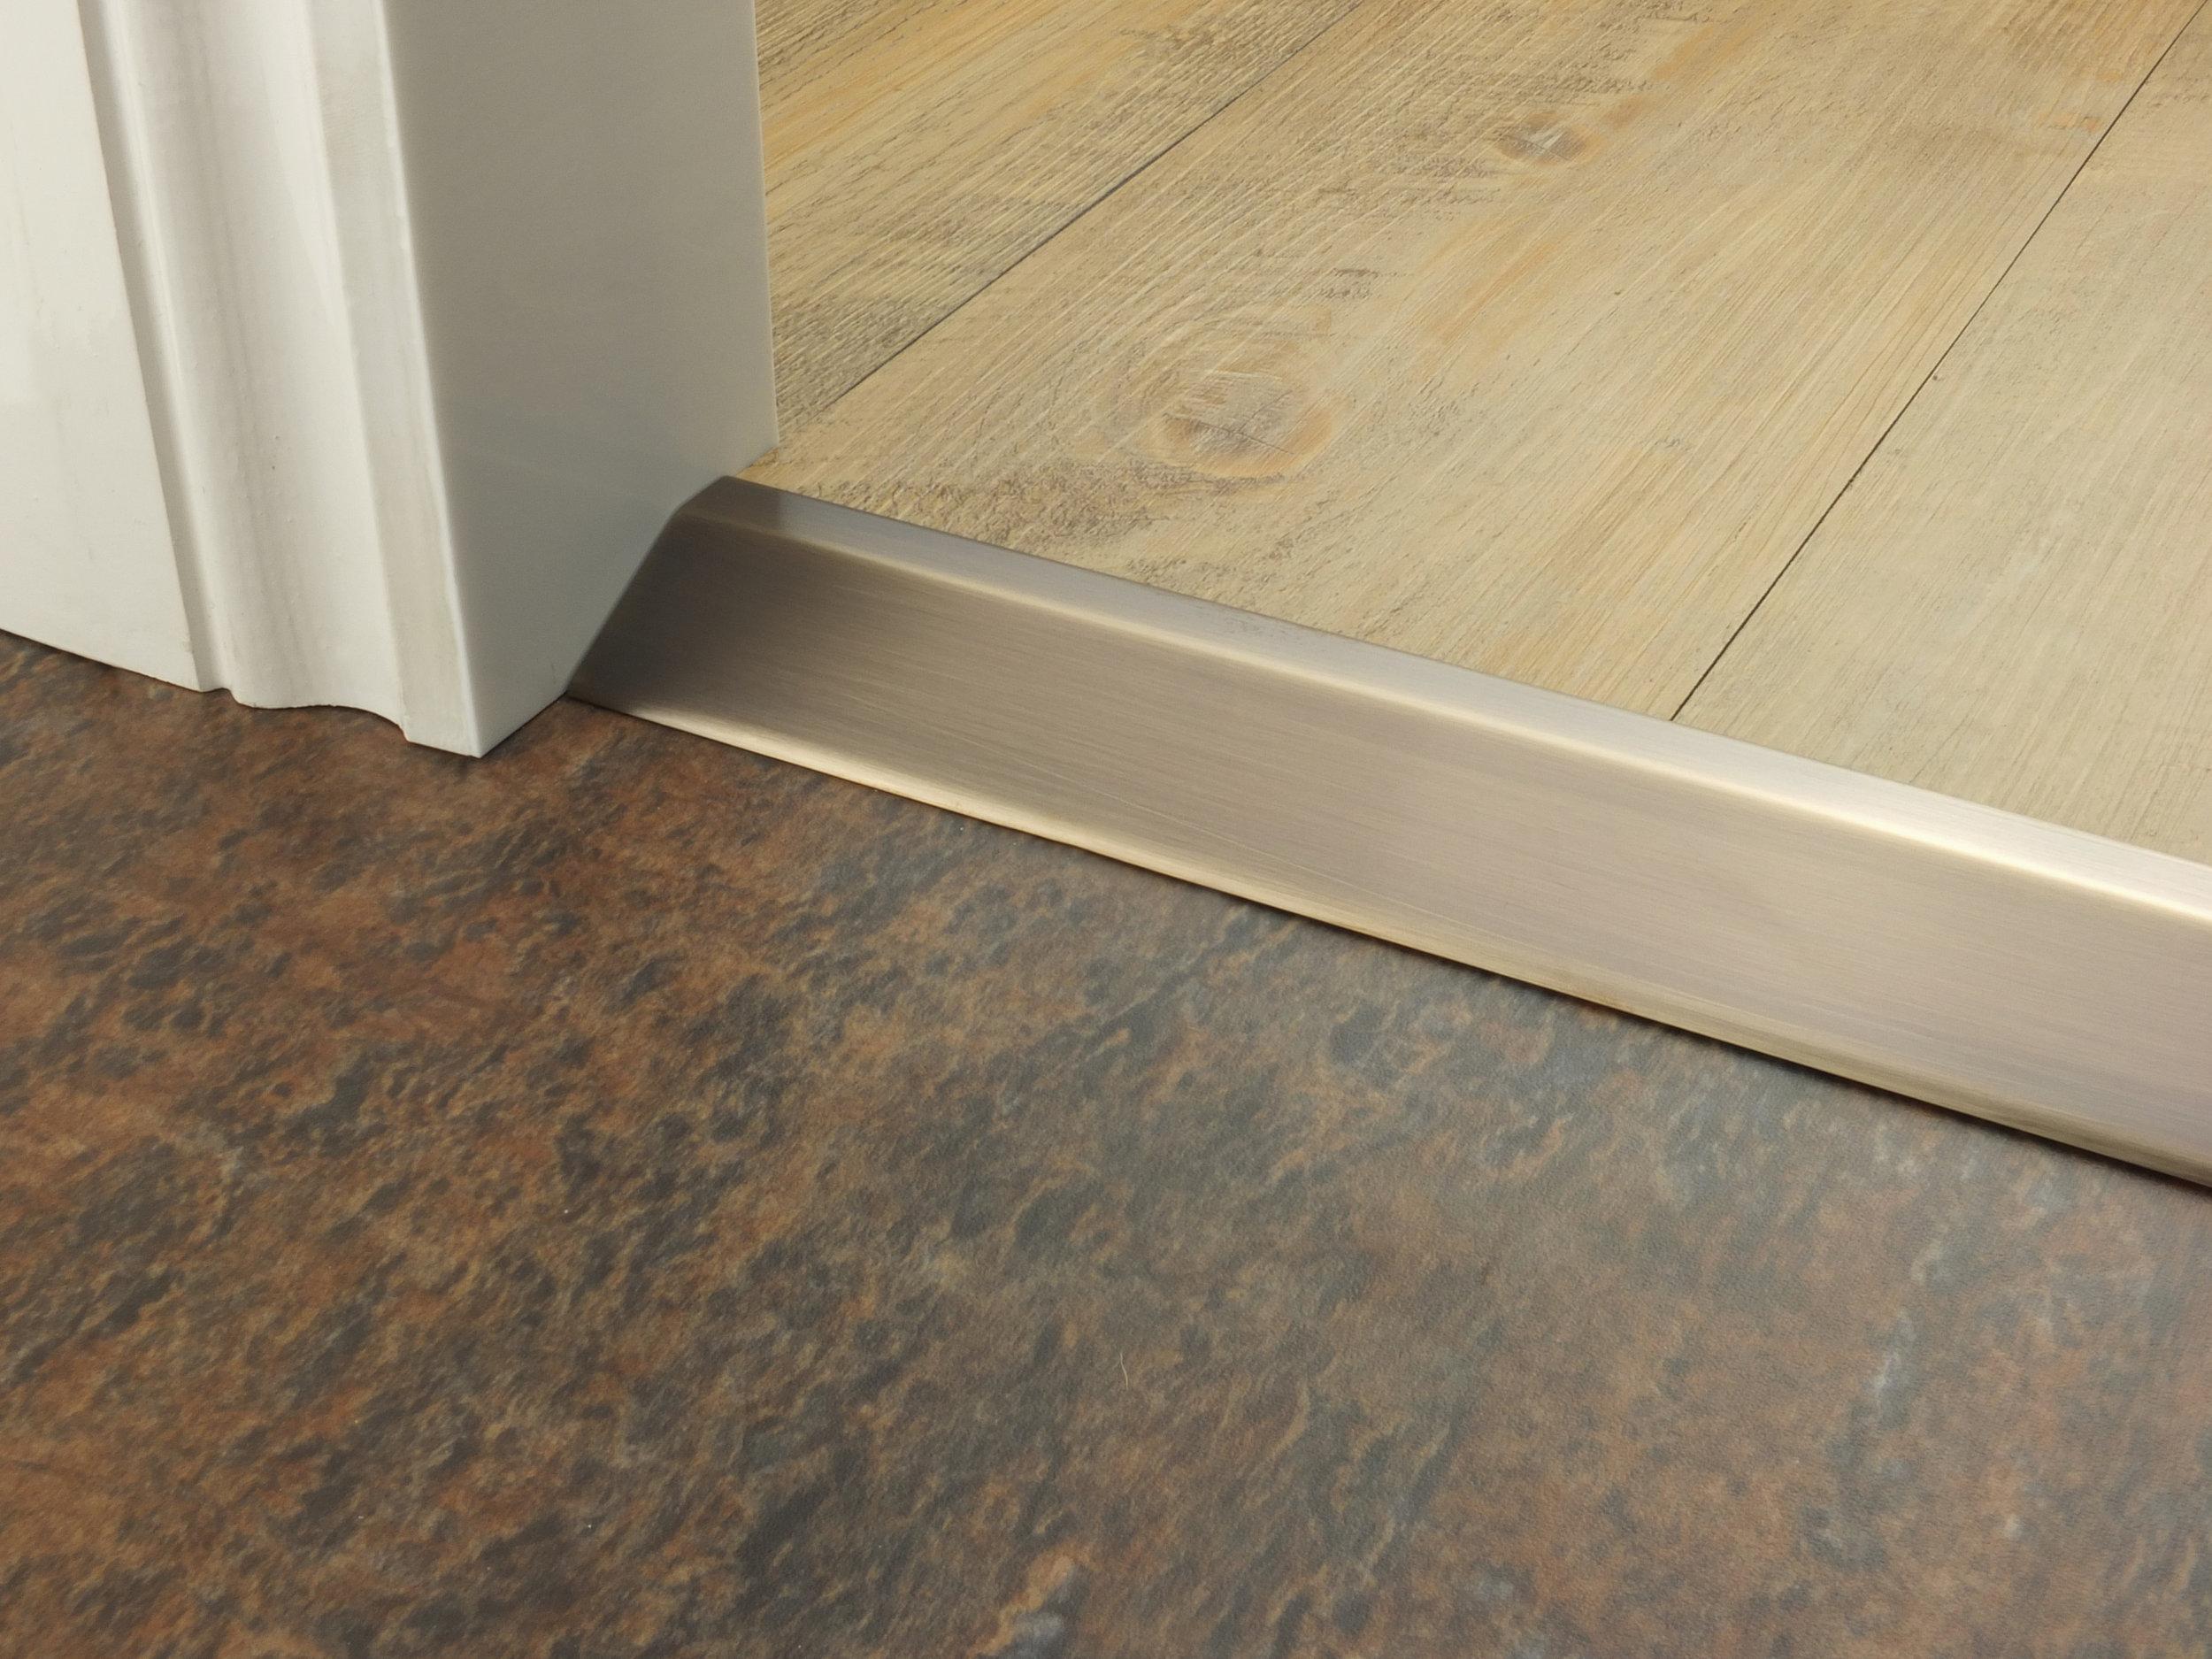 stairrods-doorbar-antique-16mm-ramp.jpg